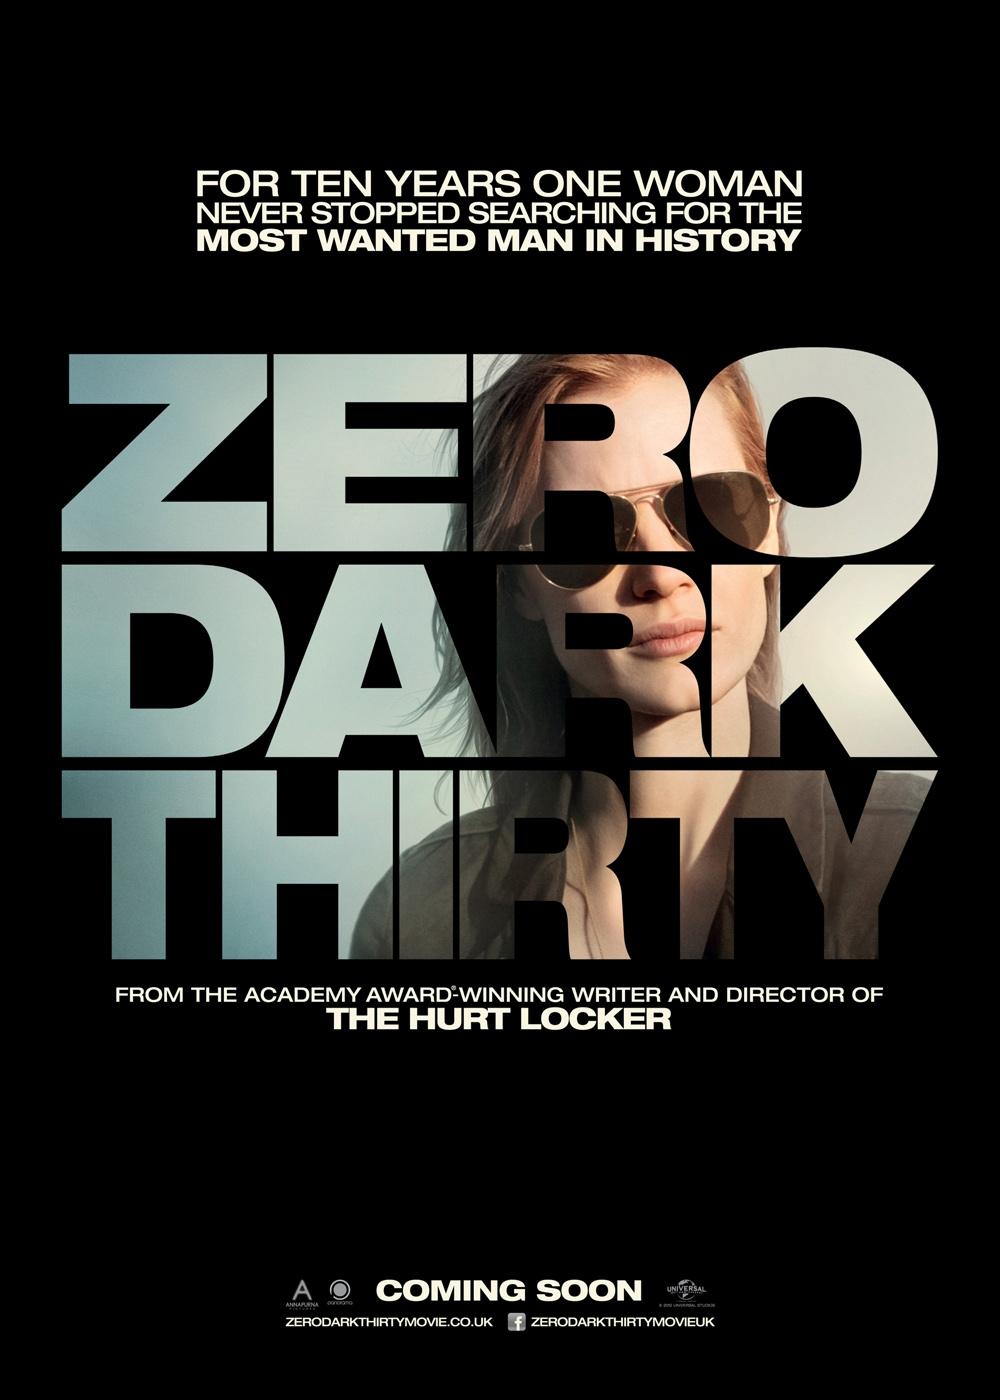 zero_dark_thirty_poster04_jessica_chastain